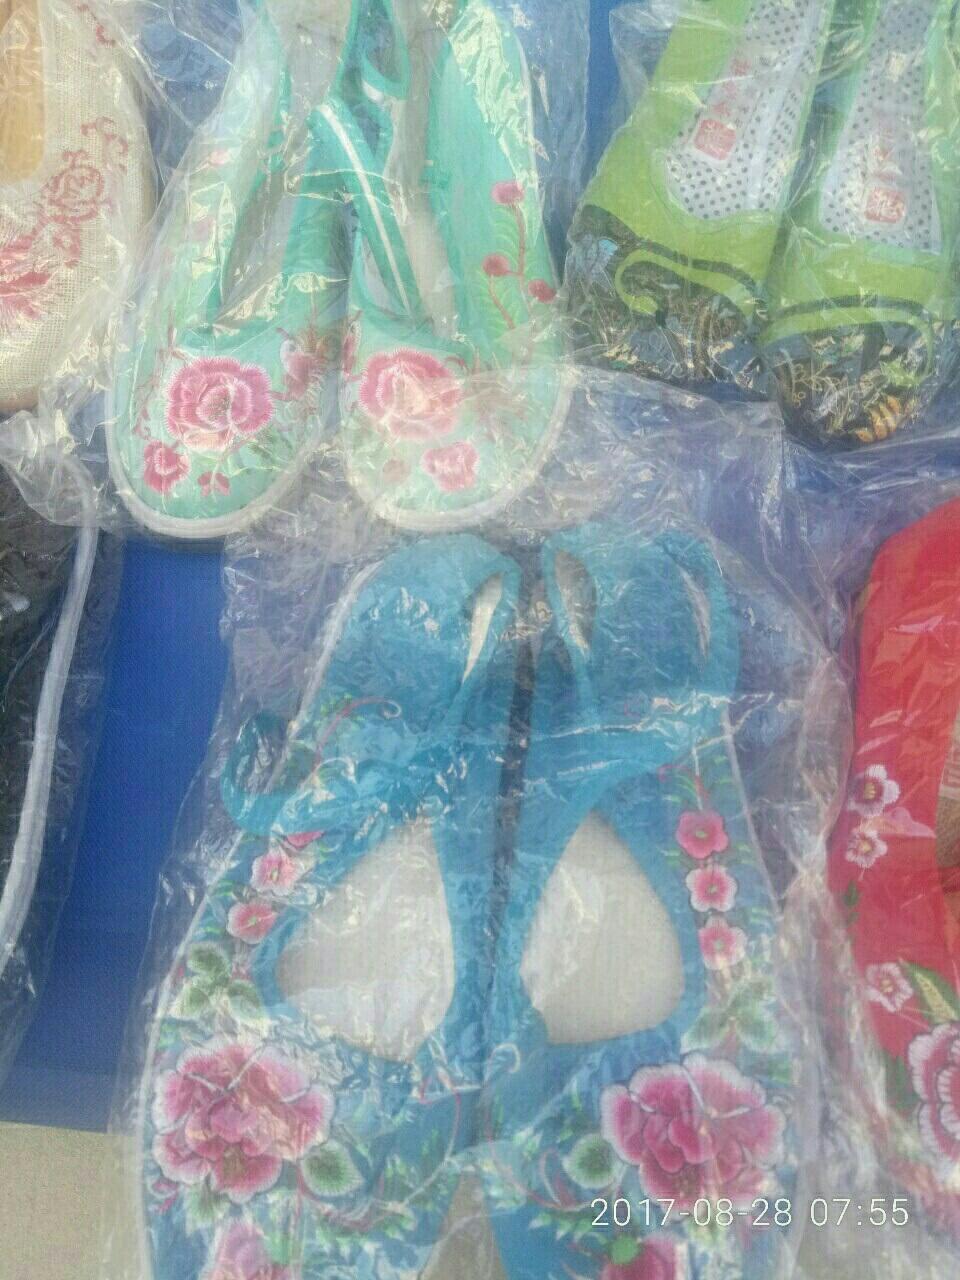 下雨了一一卖小花鞋的!